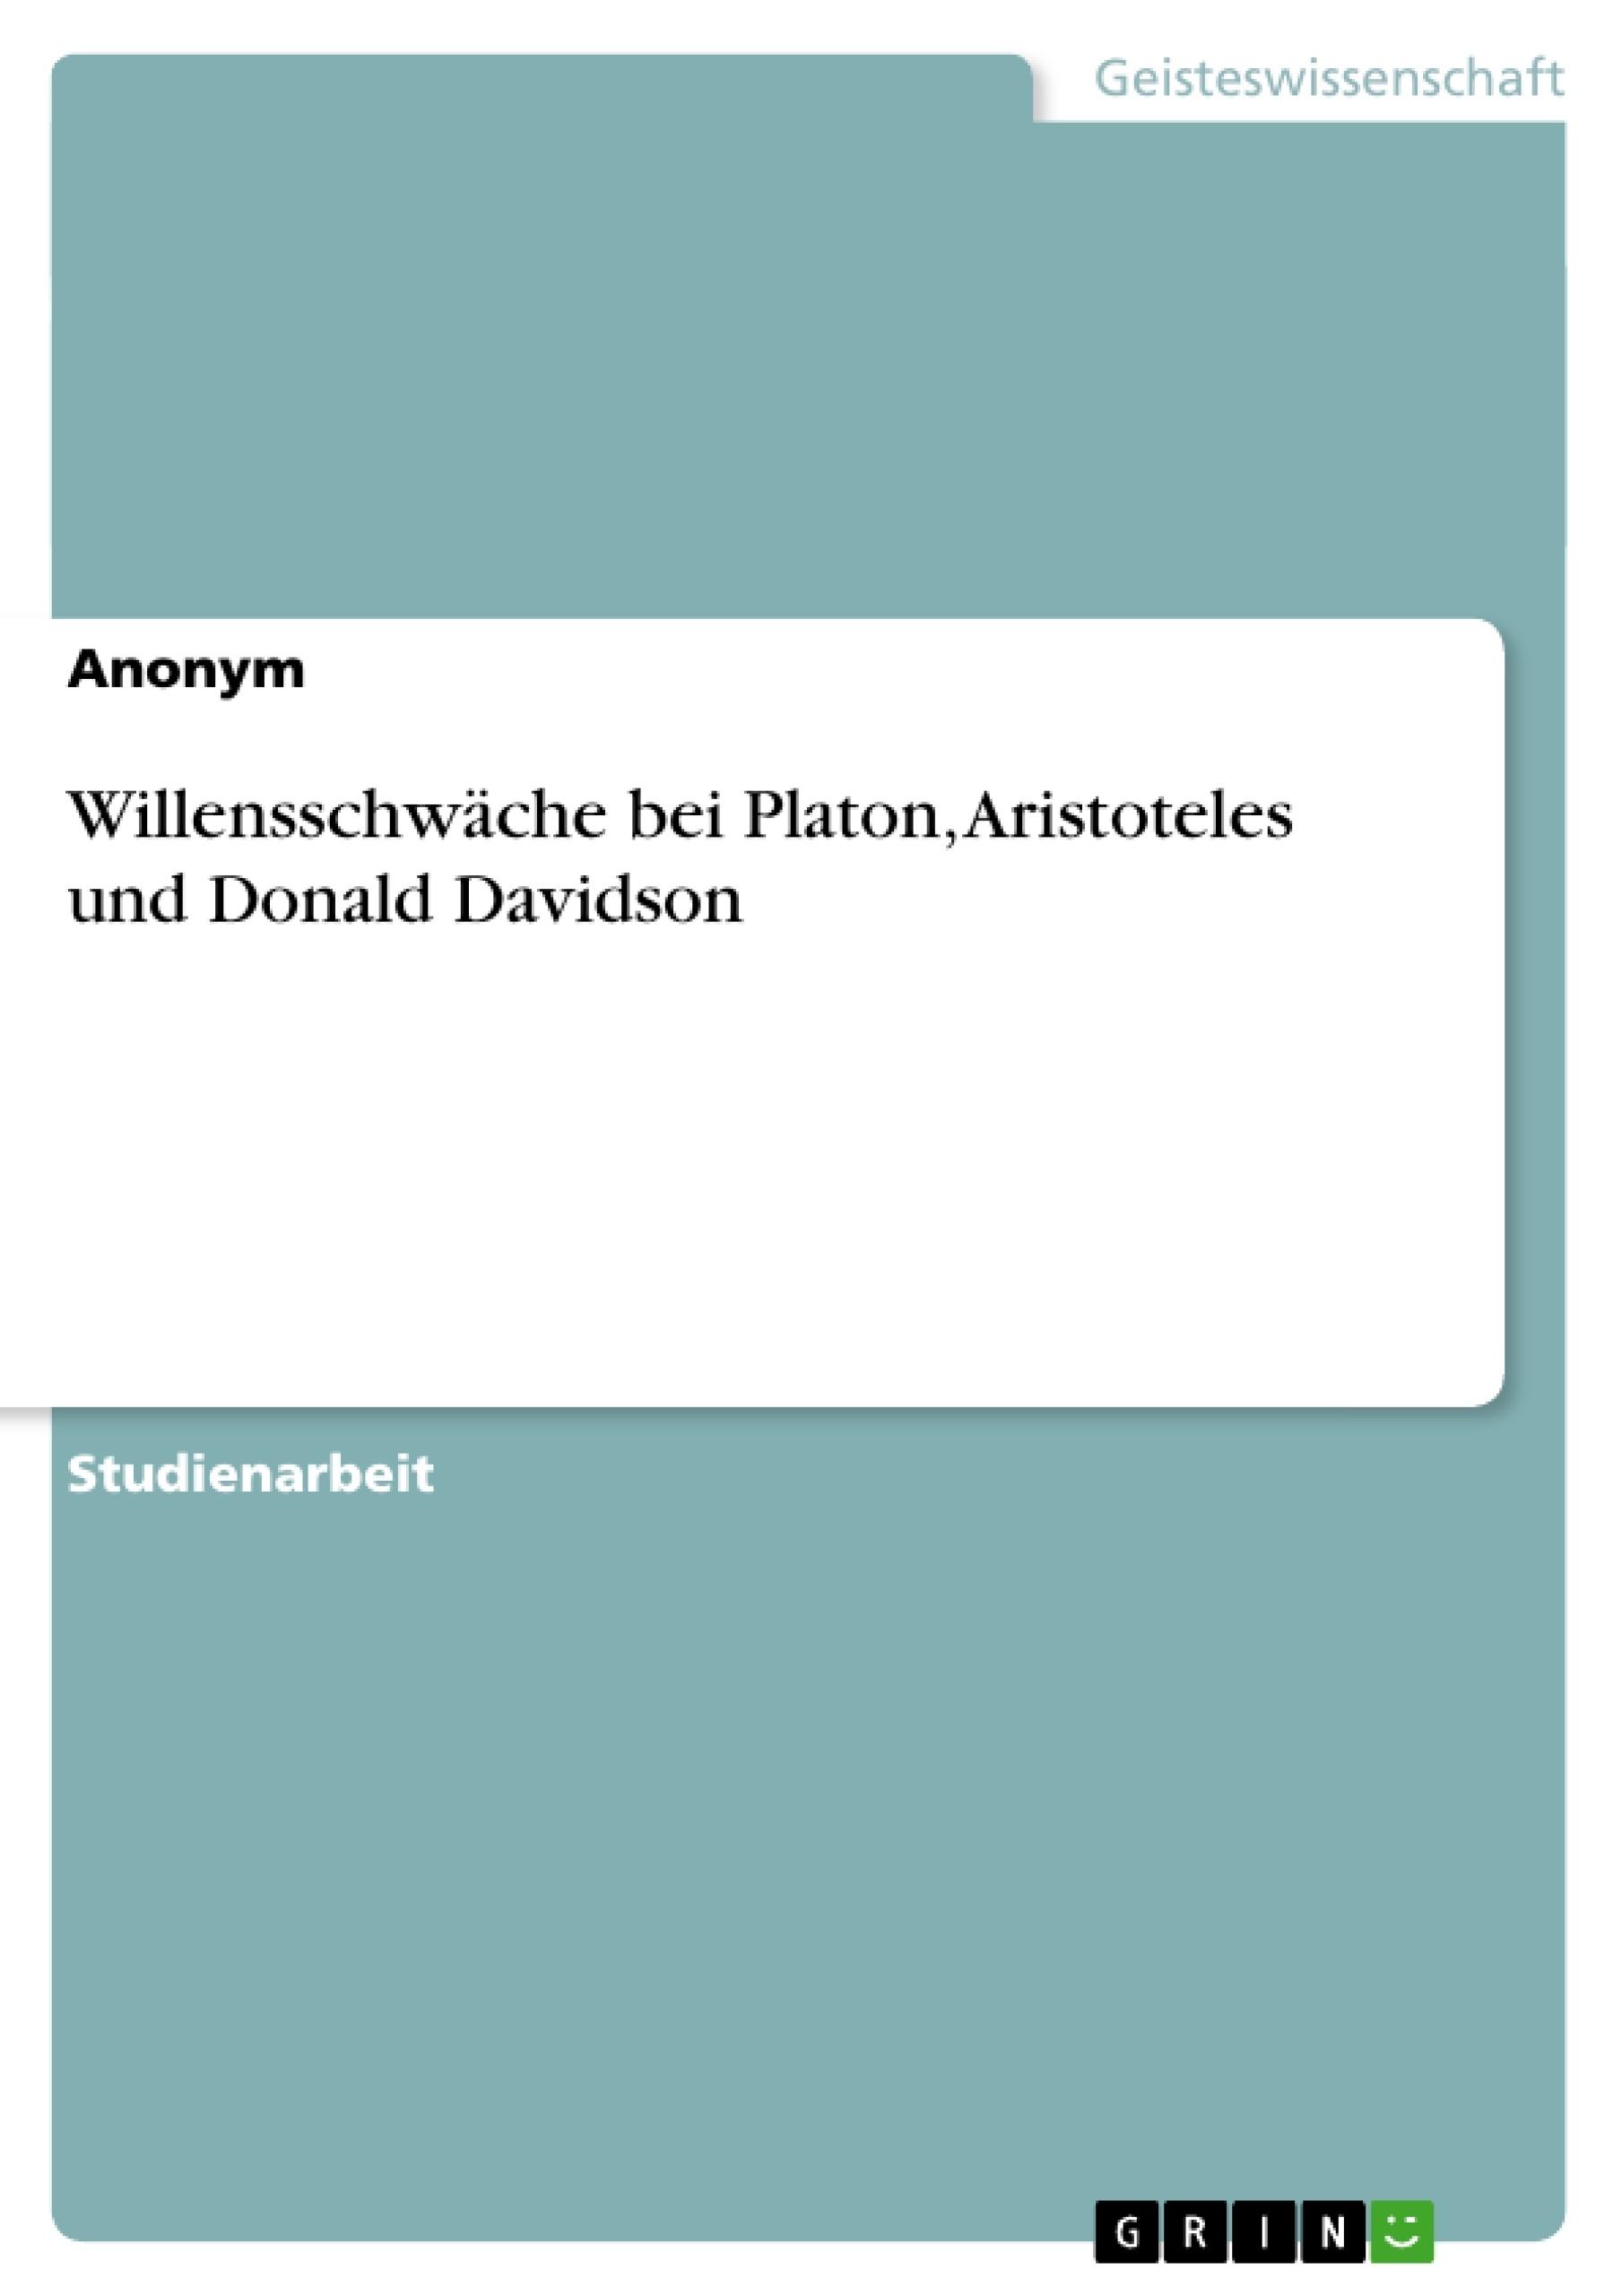 Titel: Willensschwäche bei Platon, Aristoteles und Donald Davidson